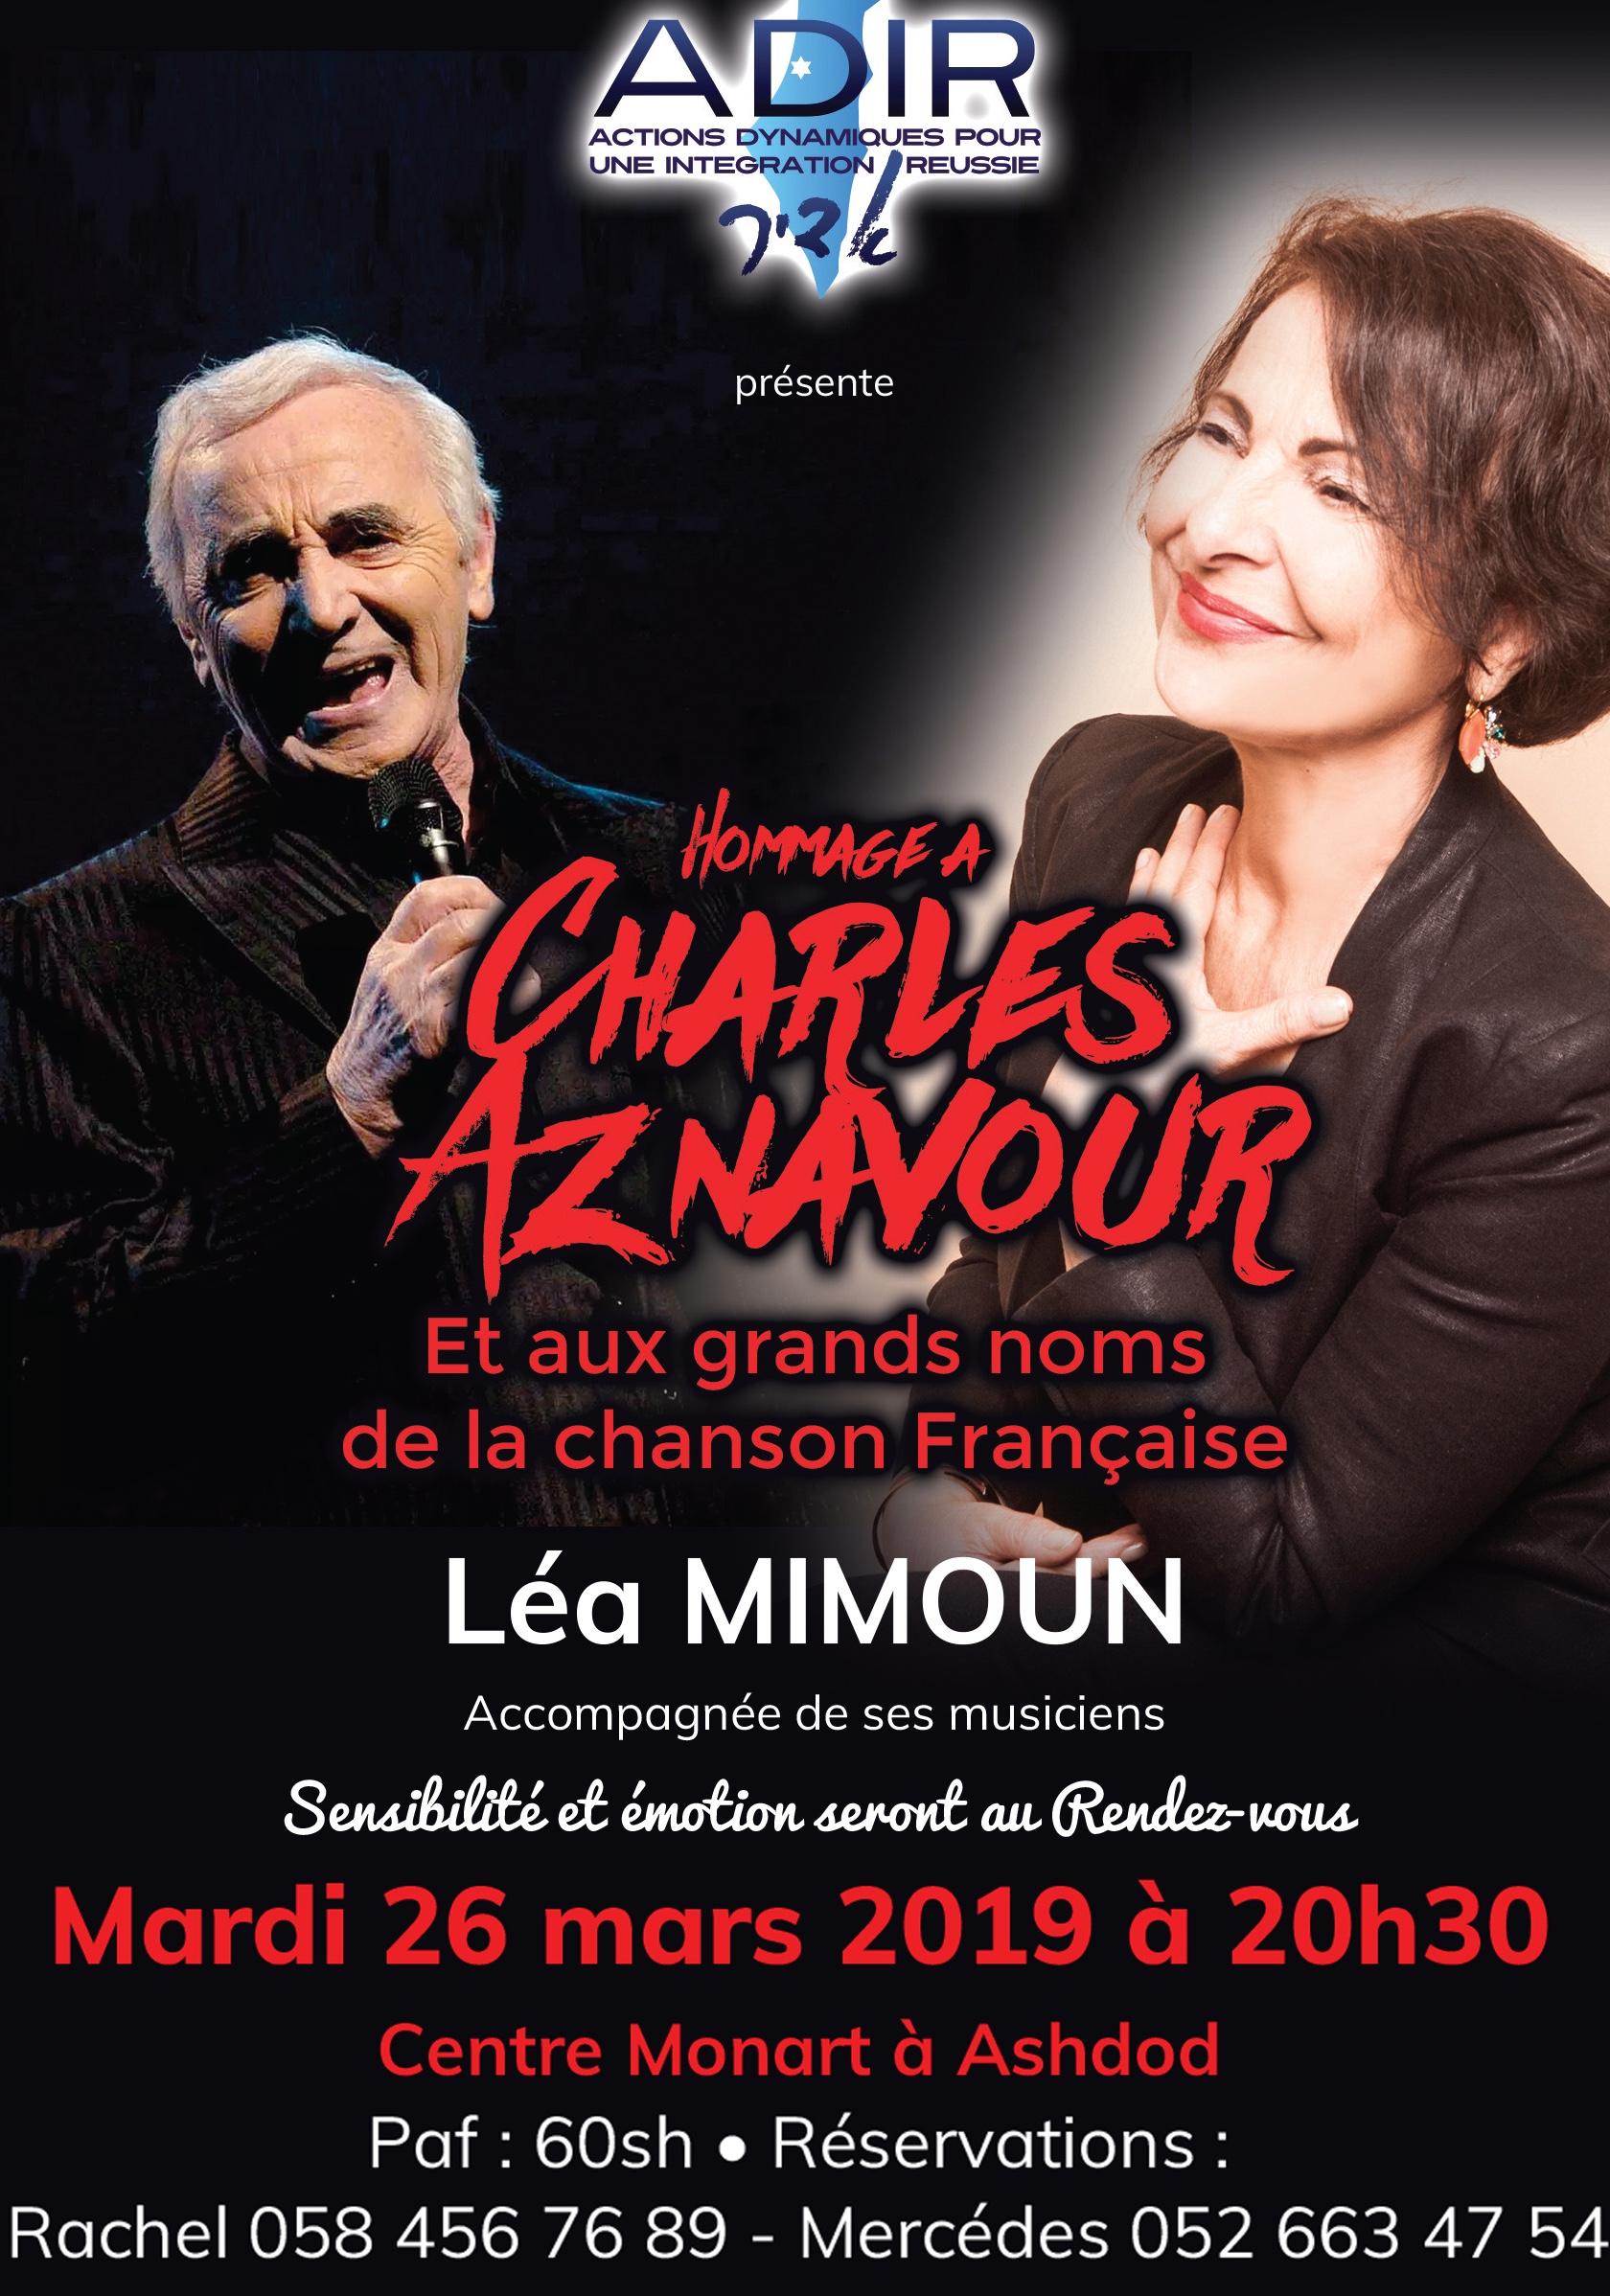 Léa Chante Aznavour et autres grands noms français à Ashdod